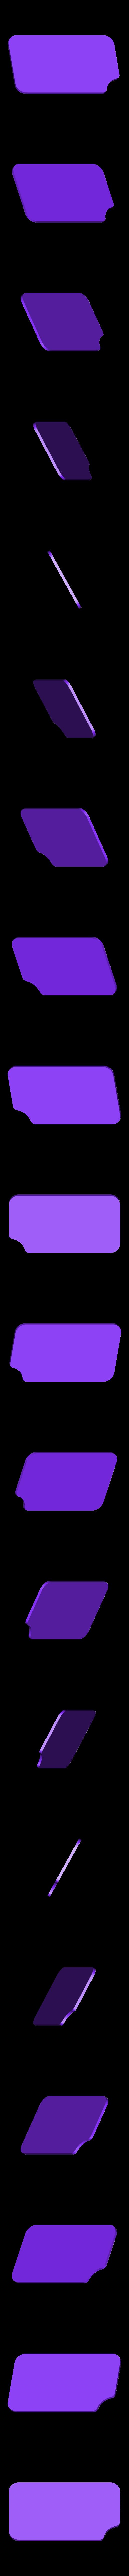 Soap_holder_-_Filter.STL Télécharger fichier STL gratuit Soap holder • Modèle pour imprimante 3D, piuLAB